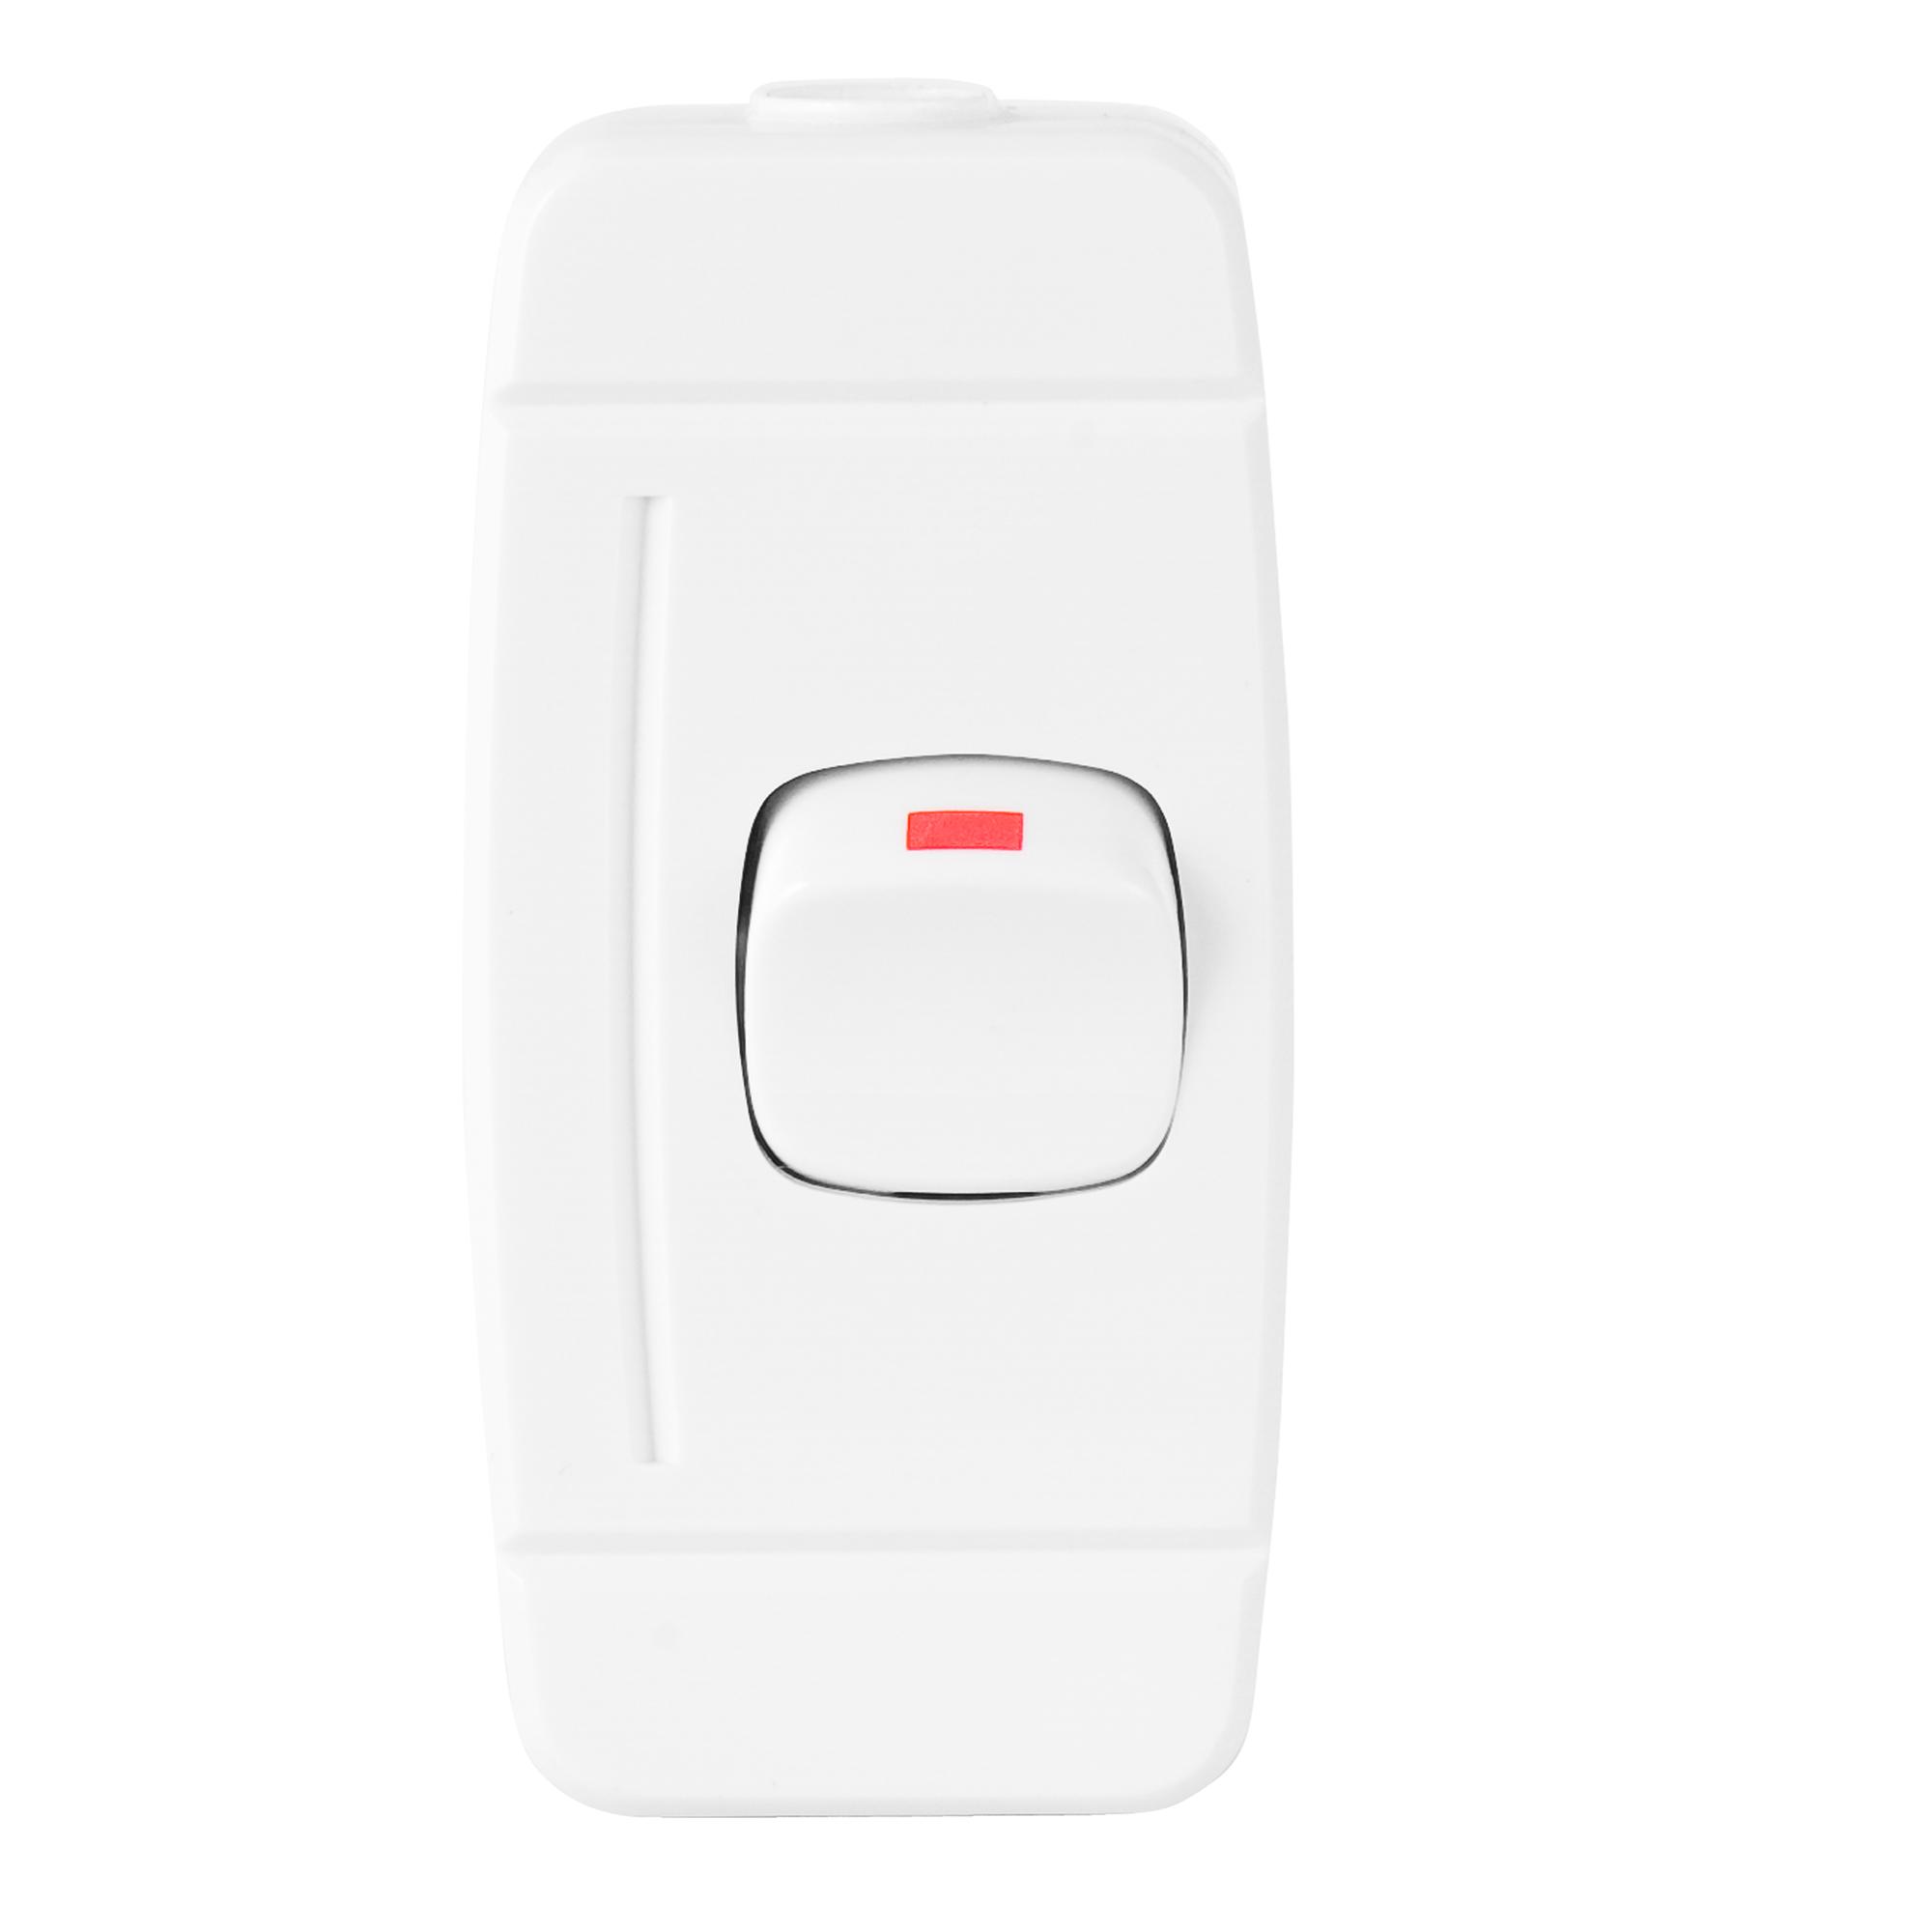 Deta cordline switch